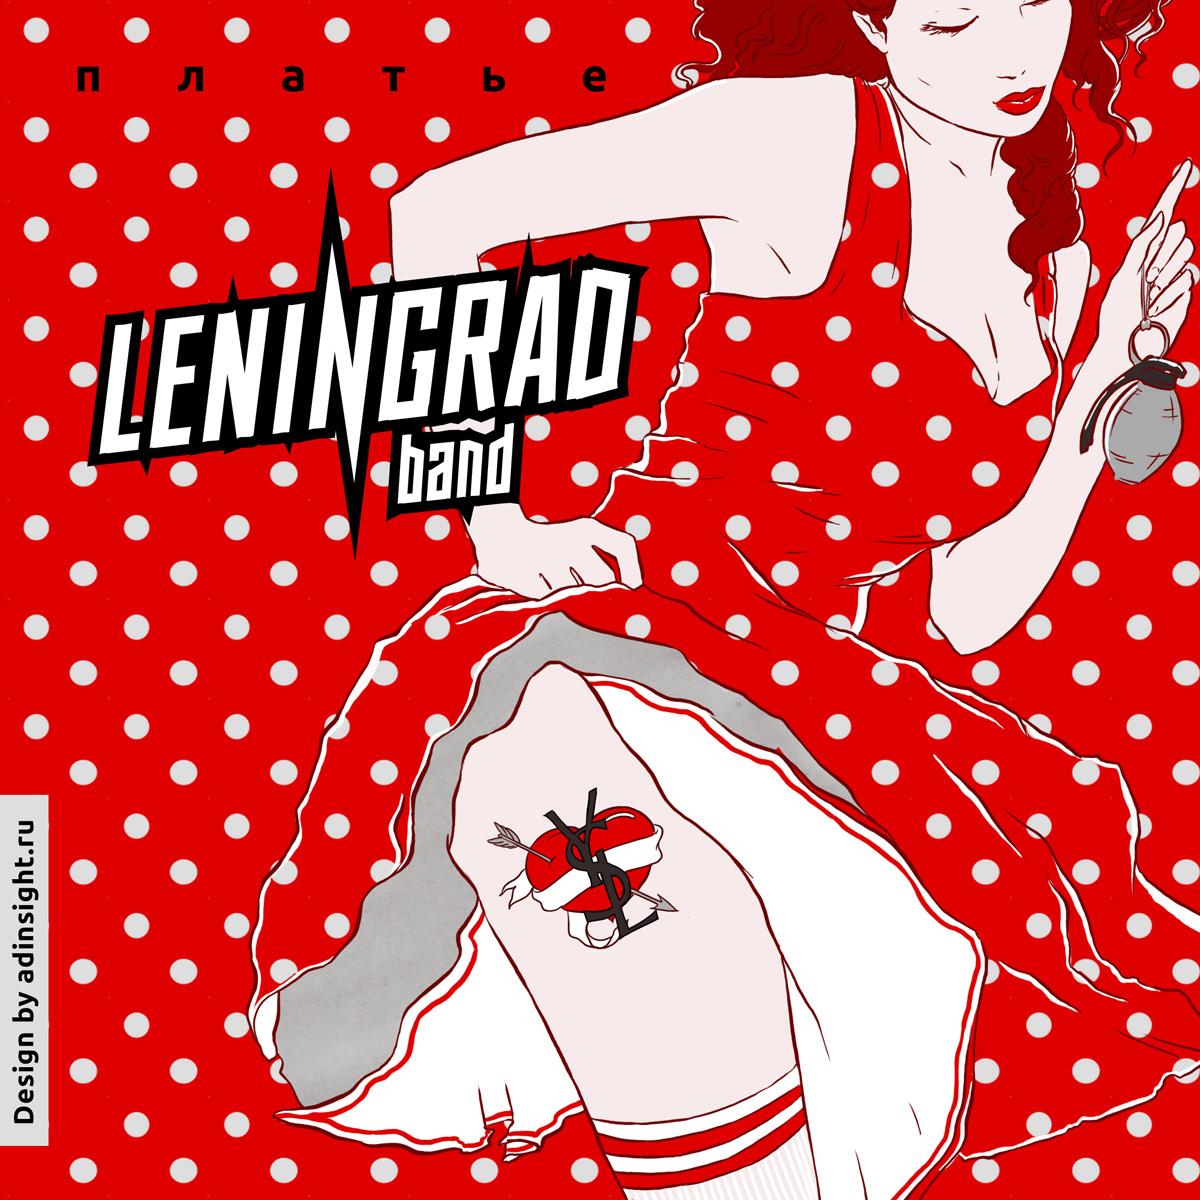 registrazione, copertura, singolo, abito, gruppo, Leningrad, corde